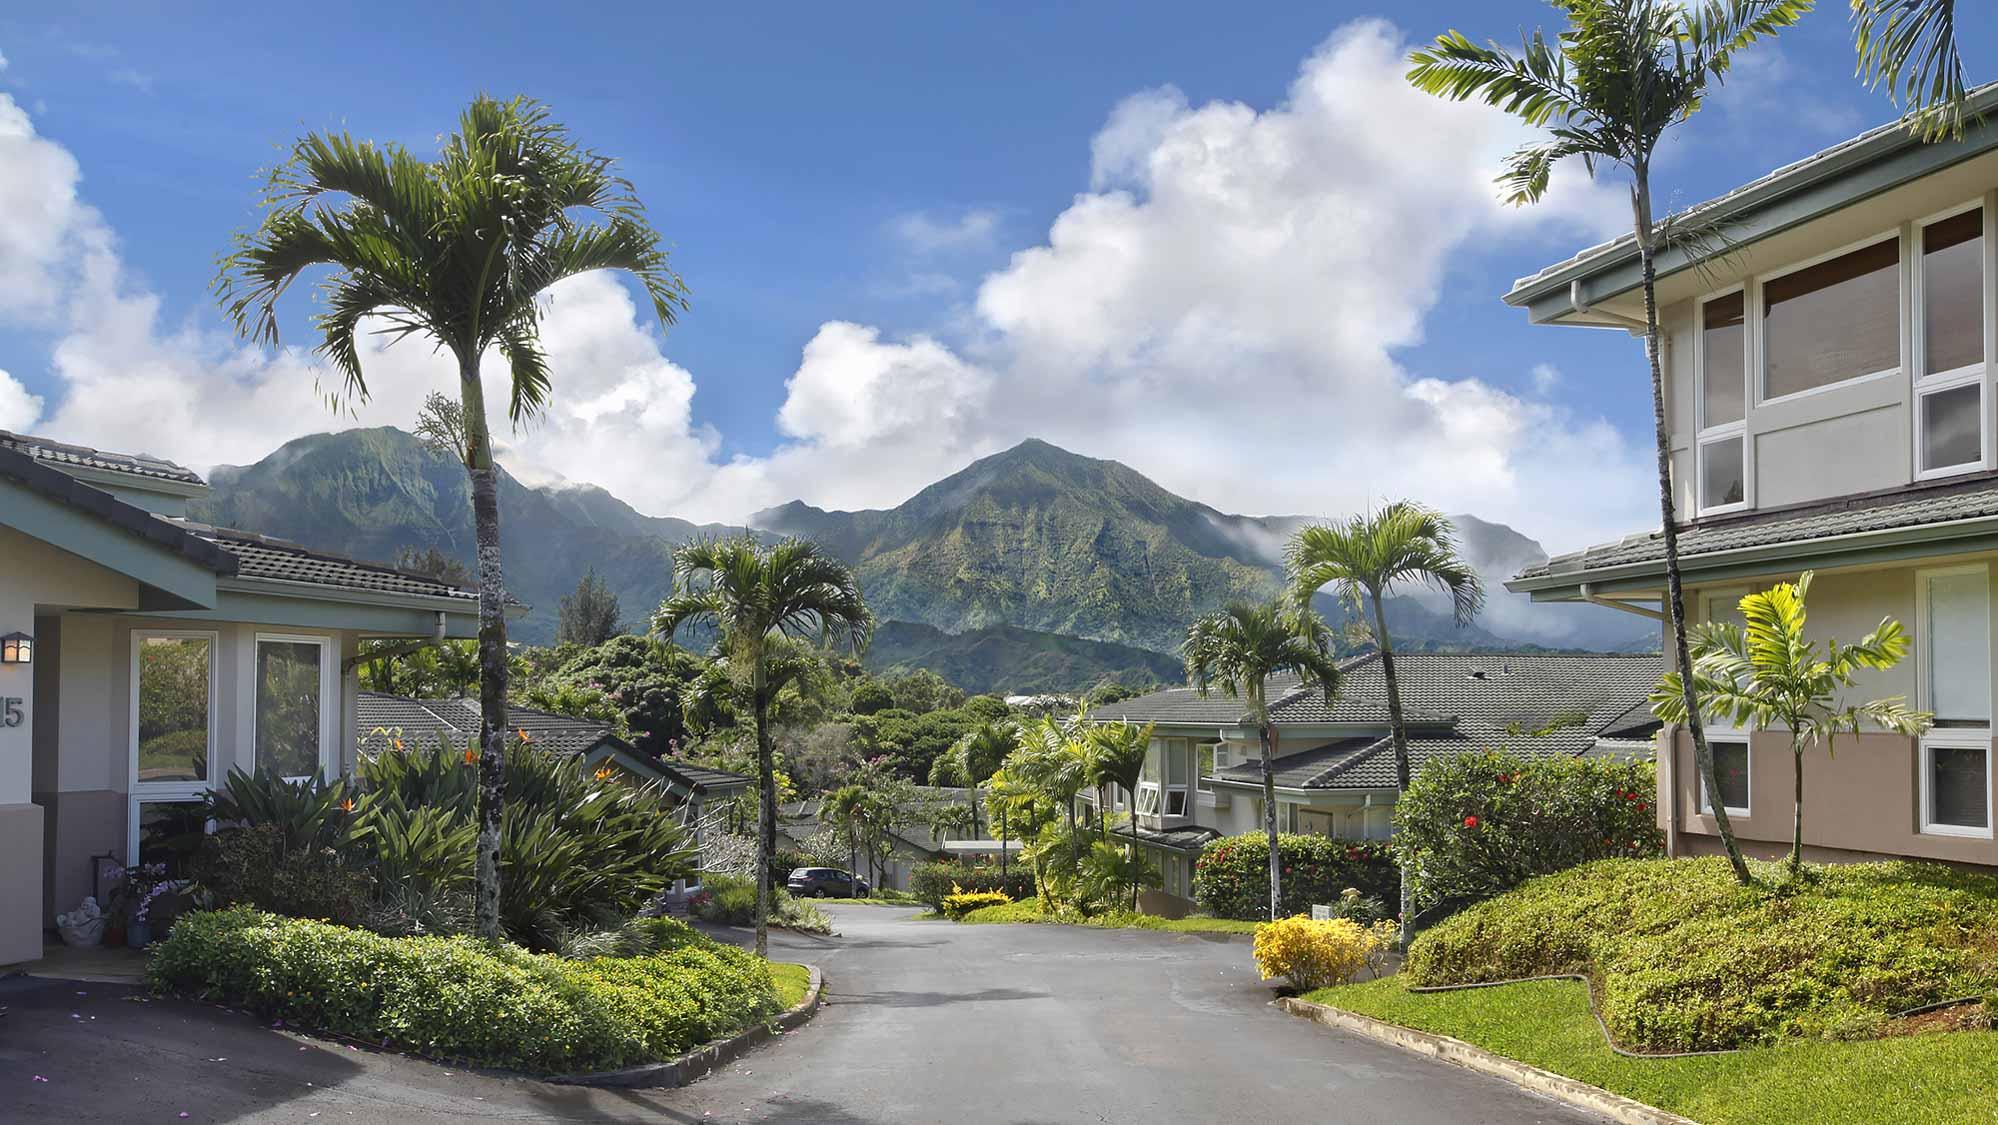 Villas of Kamalii 4 - Parrish Kauai